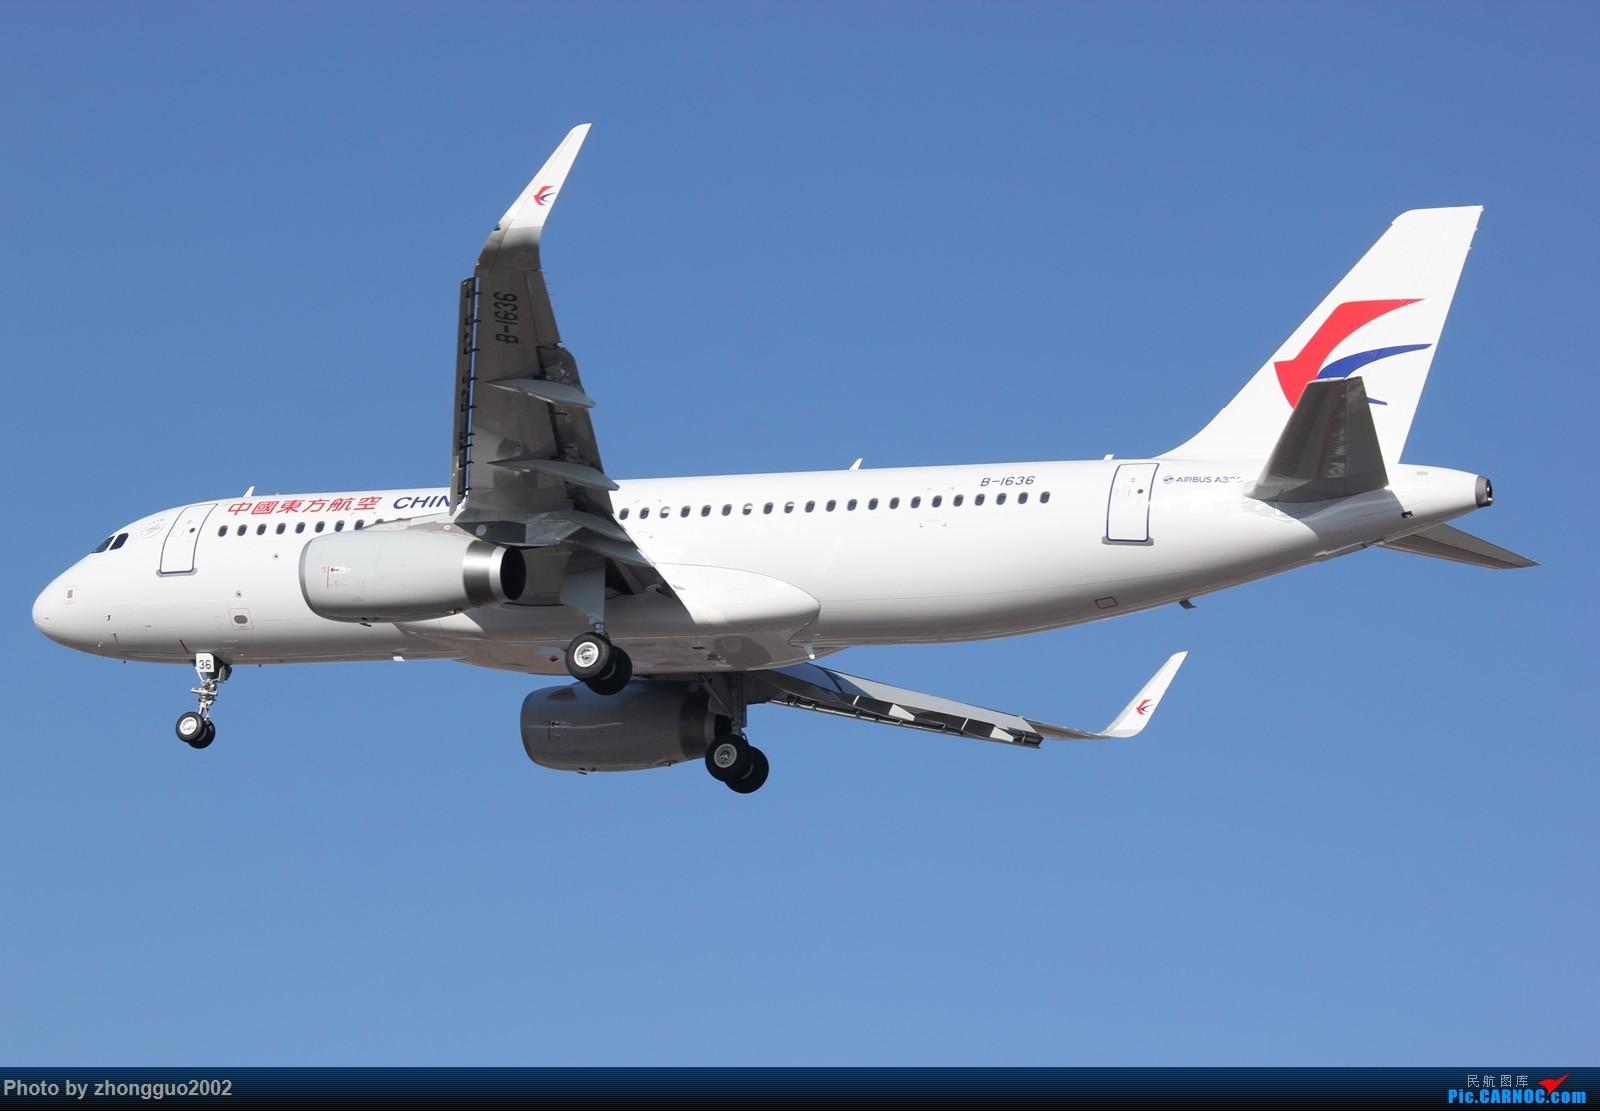 Re:[原创]【BLDDQ--深圳打机队】发小飞机盖楼贴,凡跟帖1字开头大陆民航飞机图的,每图五架小飞机不重复 AIRBUS A320-200 B-1636 中国呼和浩特白塔国际机场